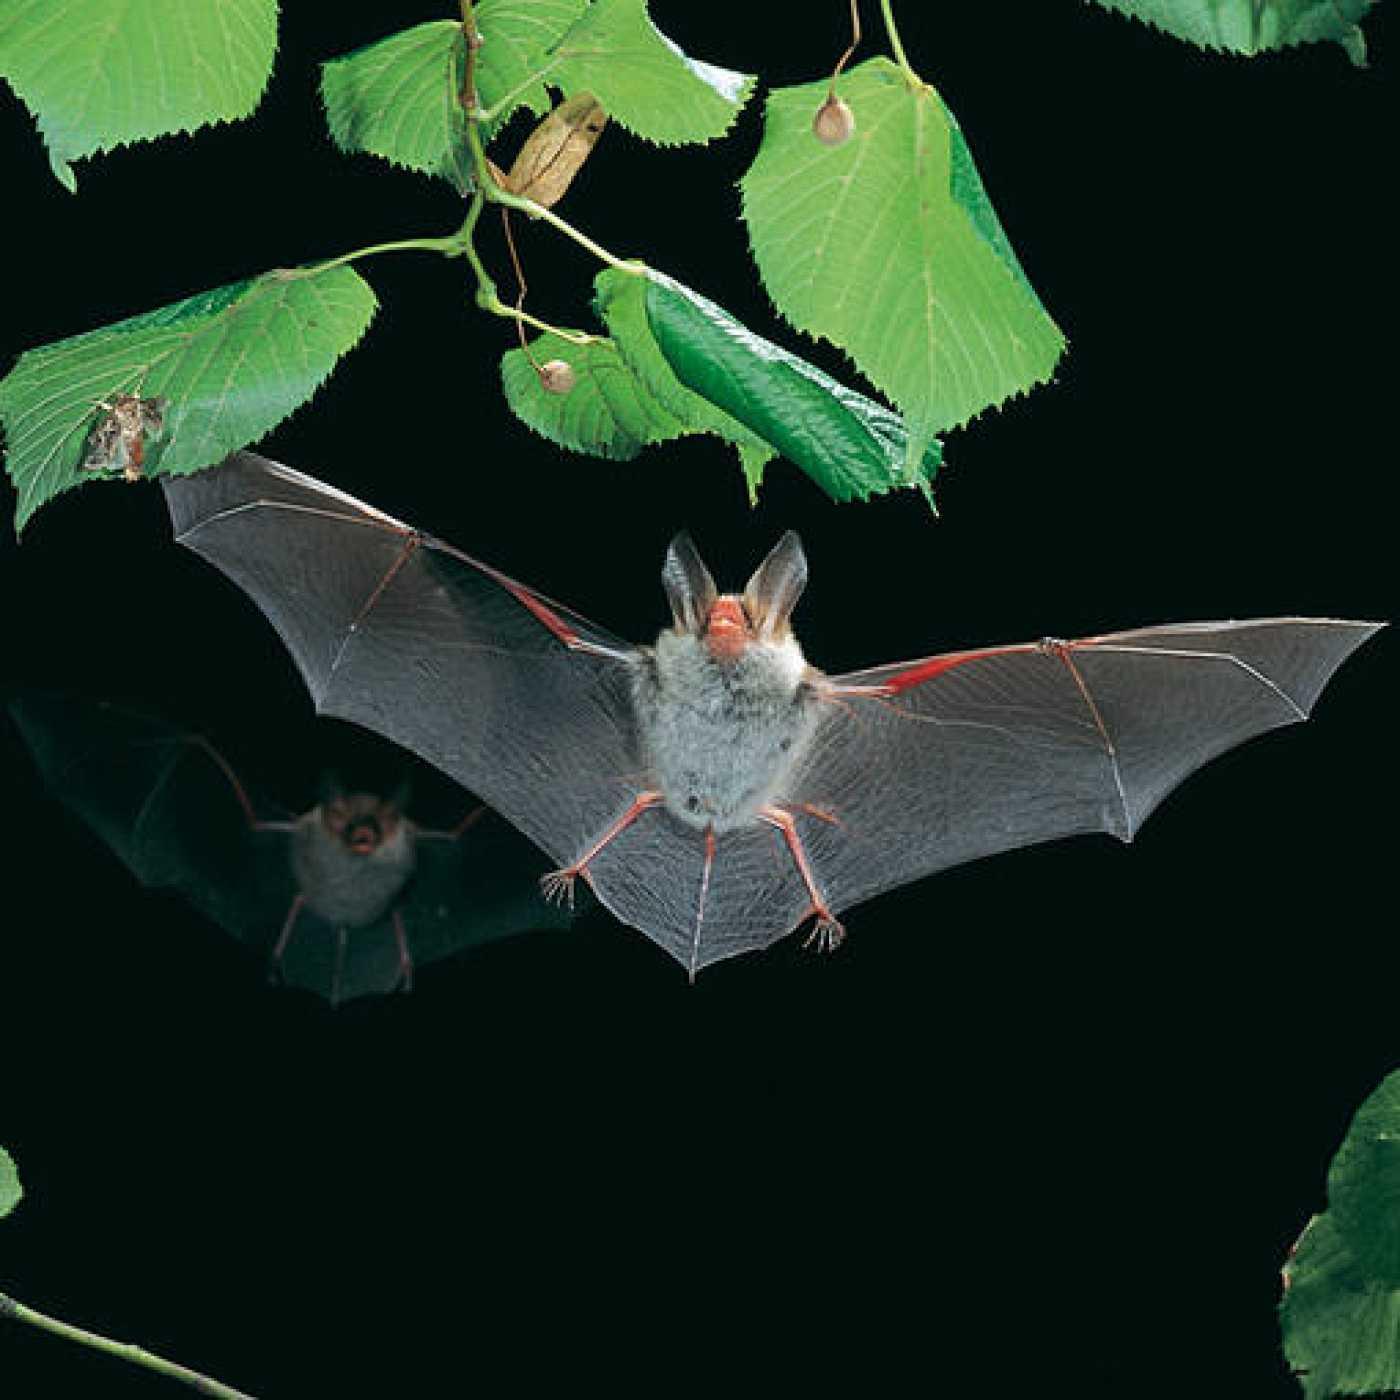 Un murciélago ratonero de bosque ('Myotis bechsteinii') en pleno vuelo